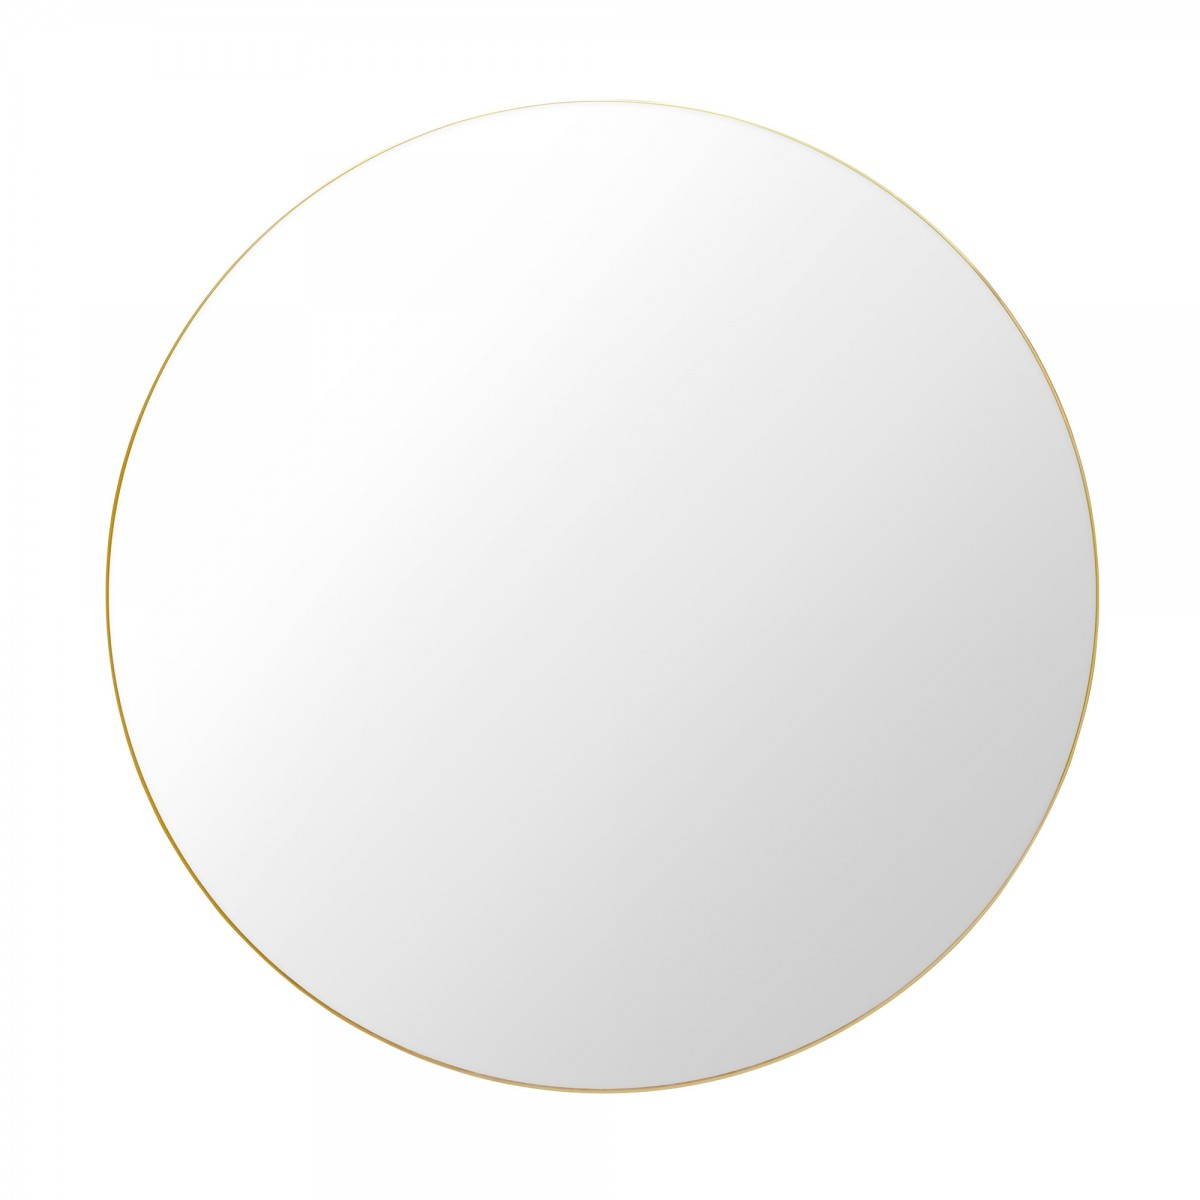 Miroir rond 110 cm laiton gubi for Miroir rond deco